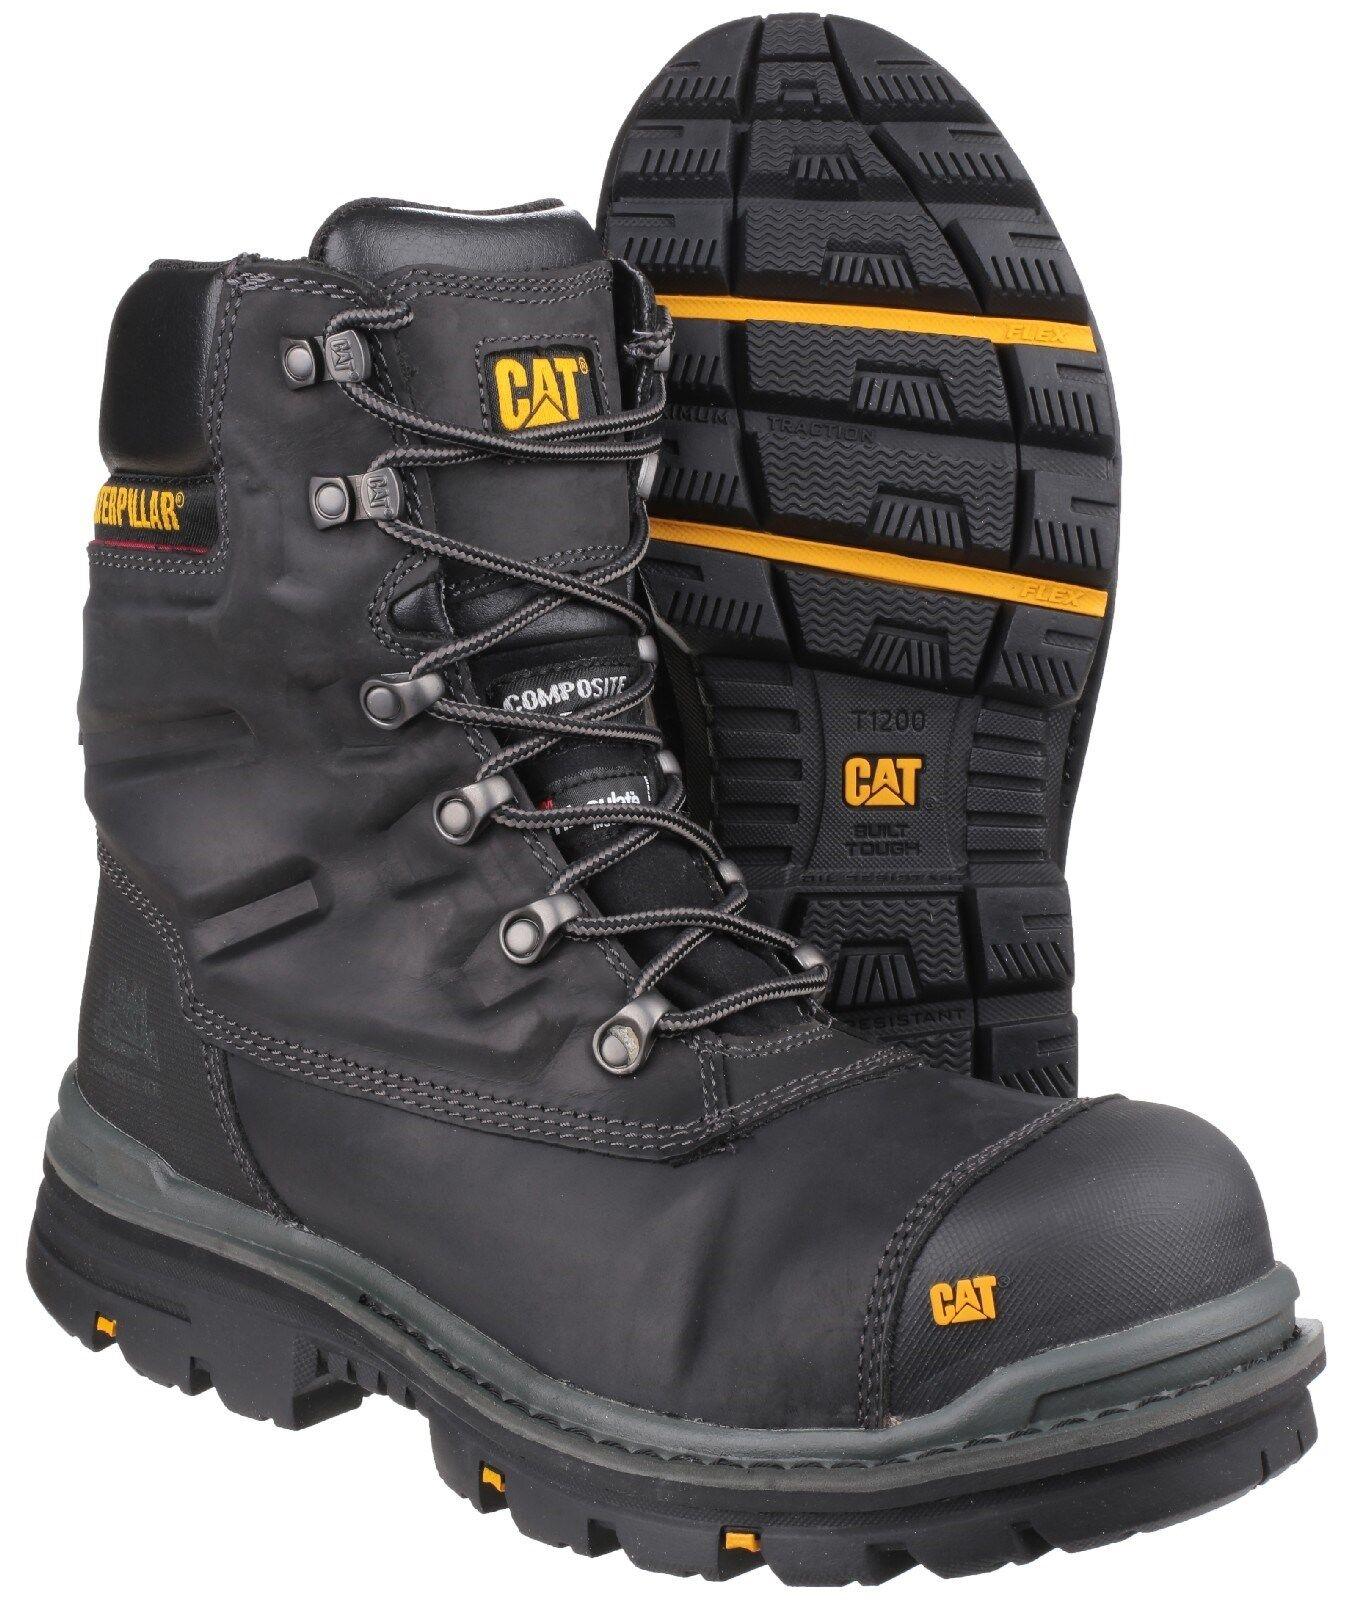 CAT Caterpillar Premier Premier Premier Resistente all'acqua s3 Uomo Nero Sicurezza Lavoro Stivali uk6-12 73391d